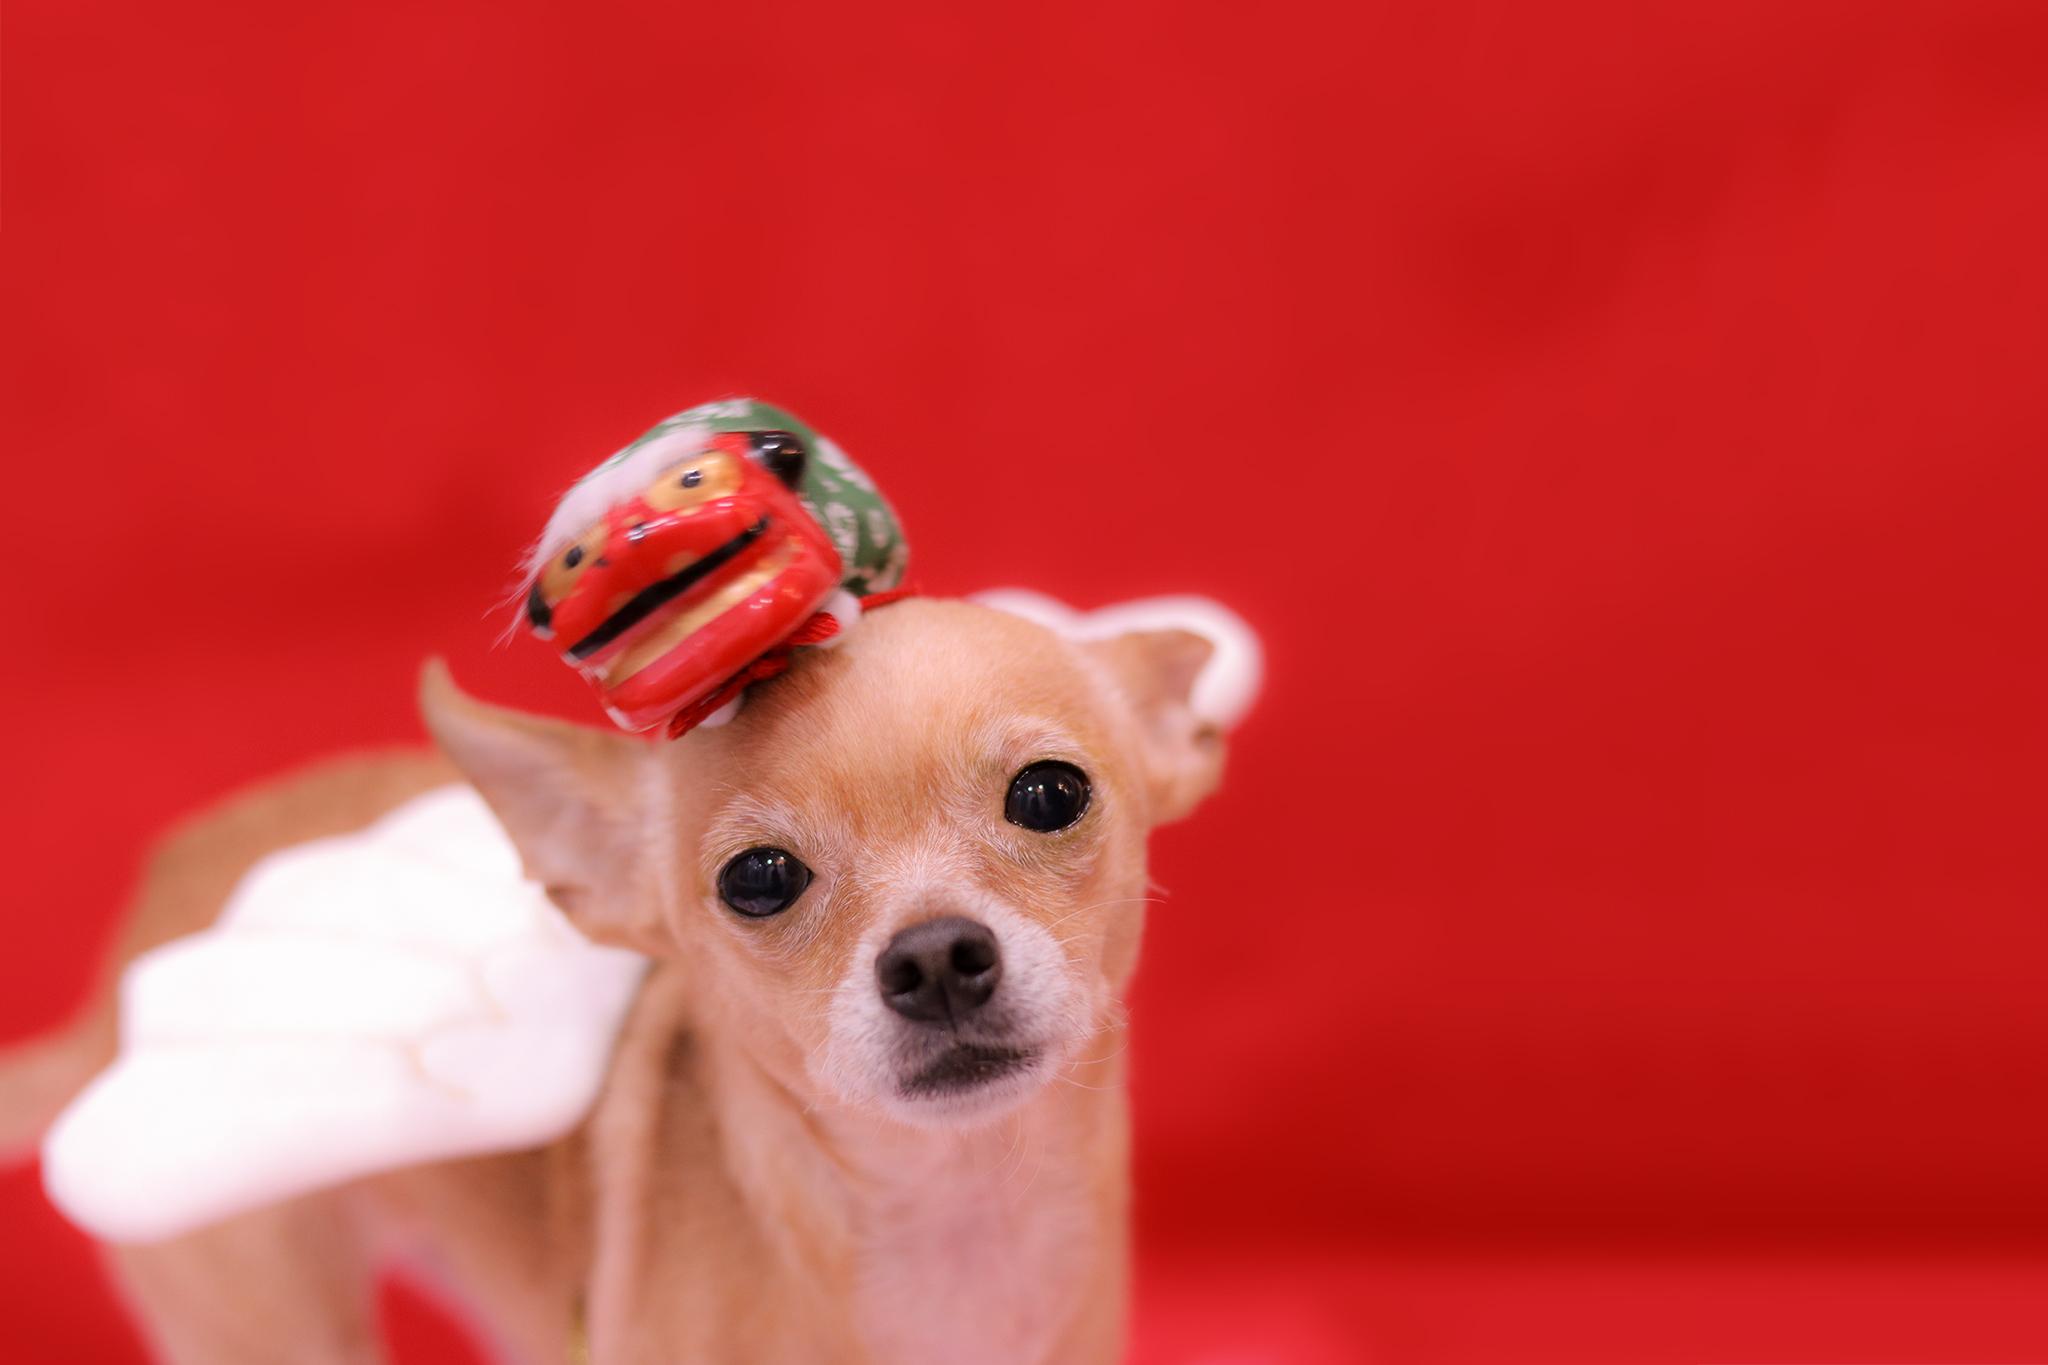 今年の干支は戌年。お教えします!犬の事、トリマーの事。